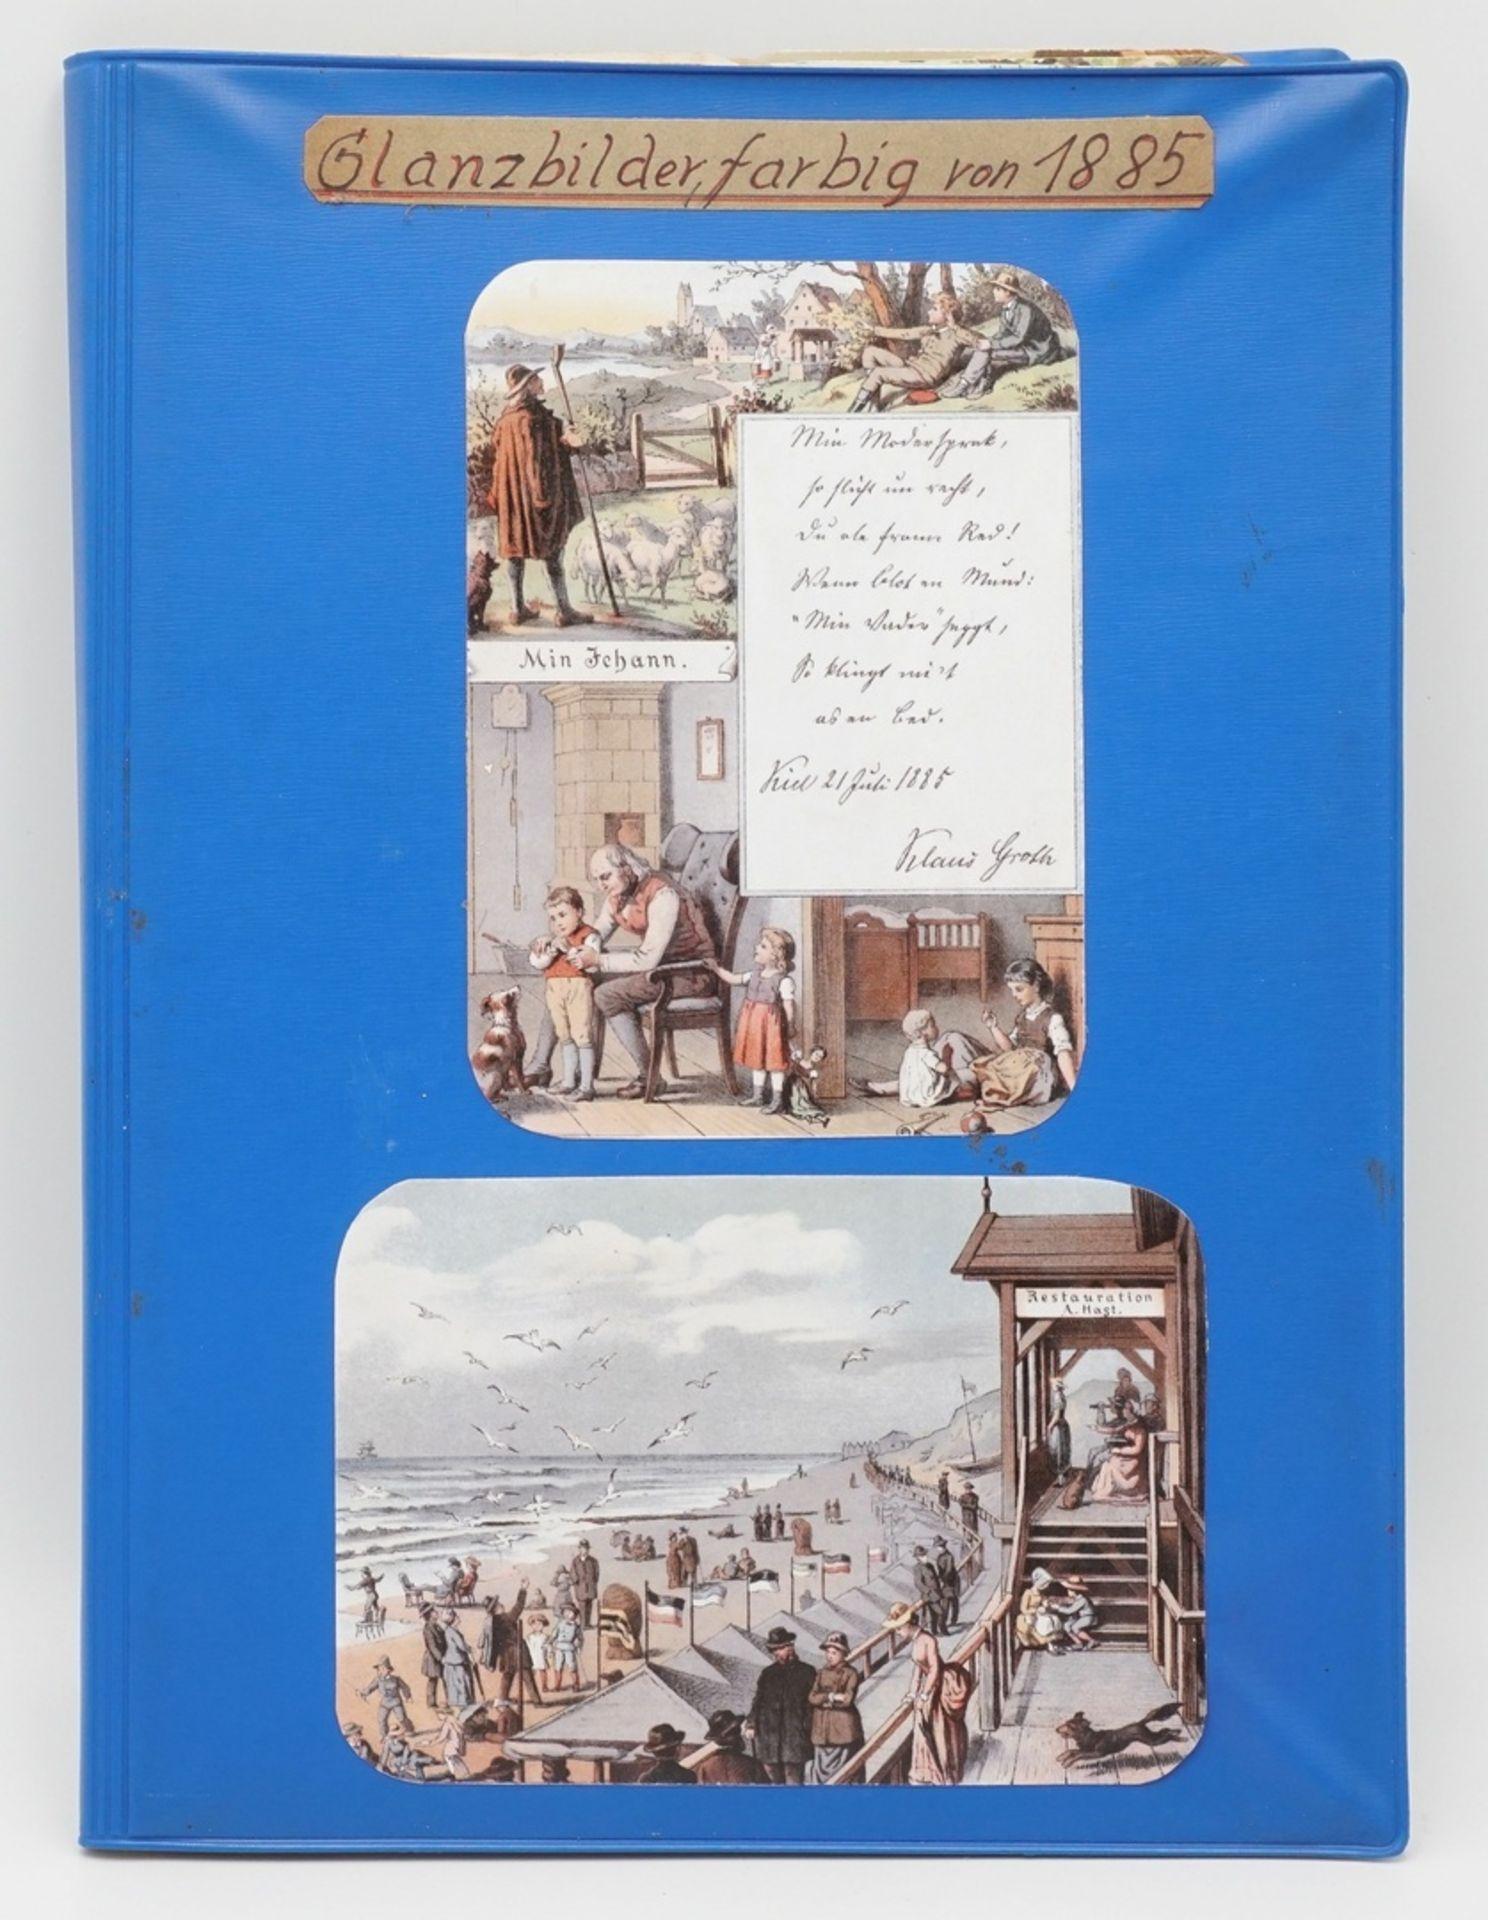 56 farbige Glanzbilder, 1885